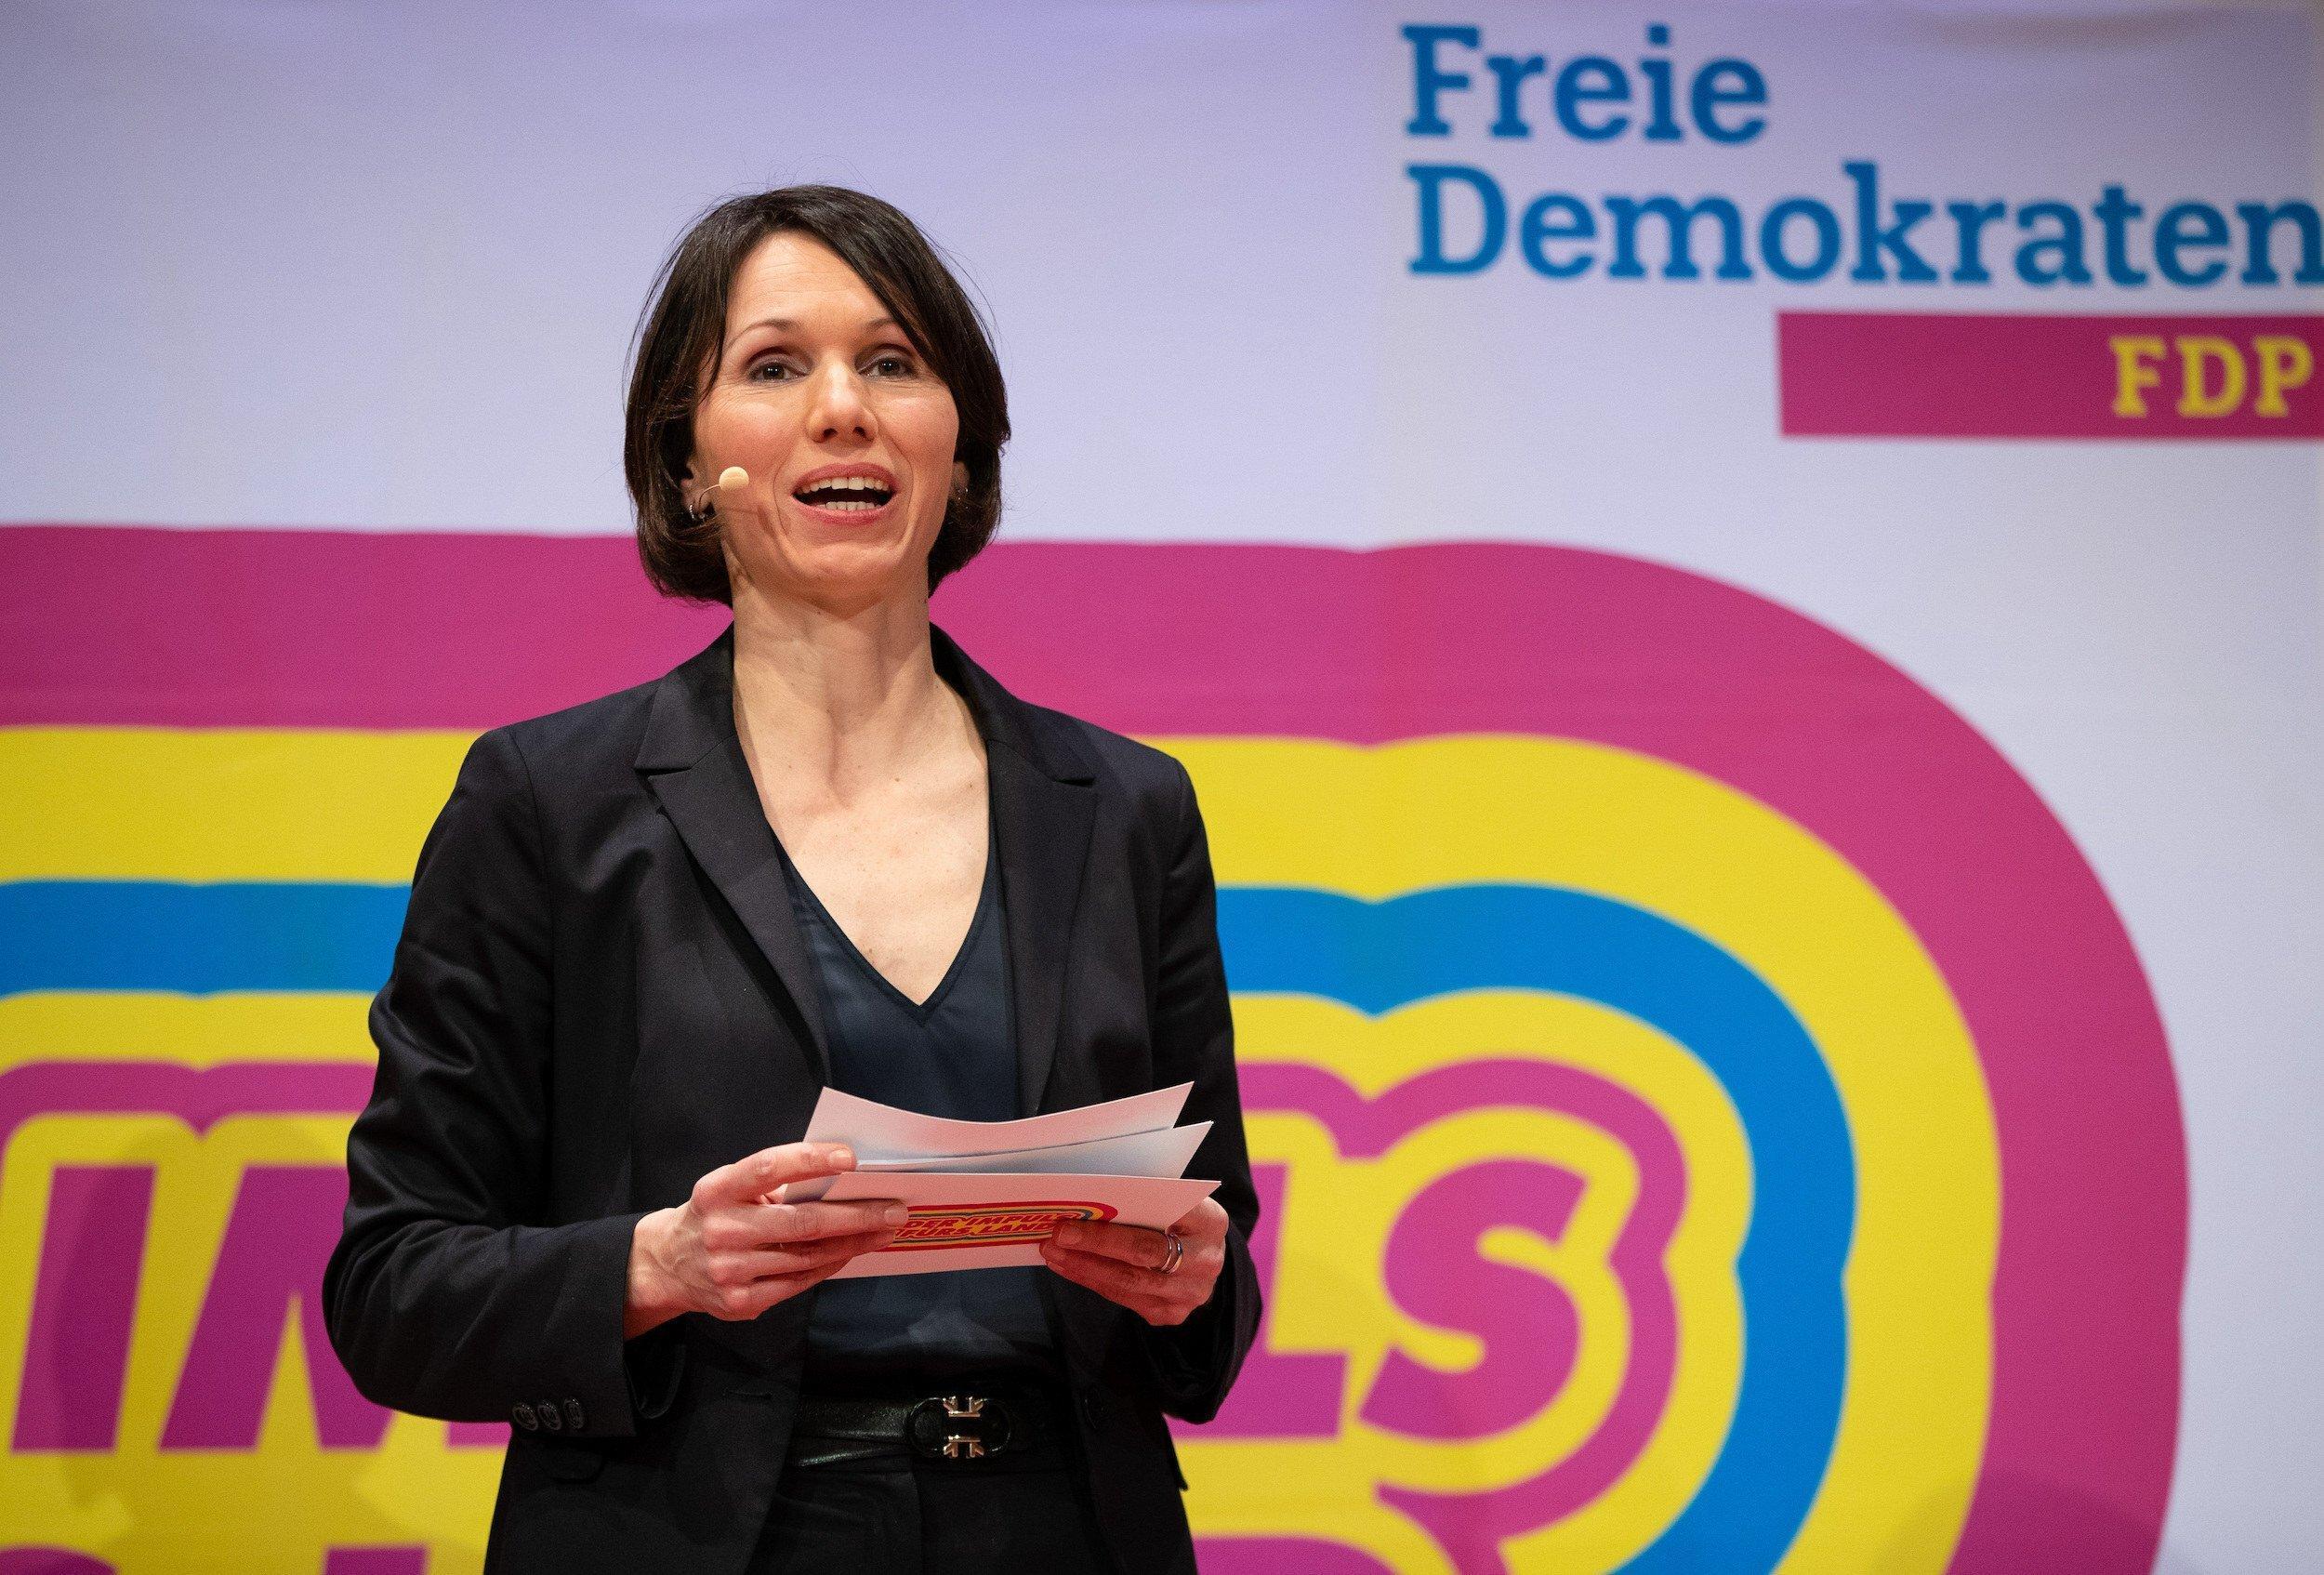 Judith Skudelny, Generalsekretärin der FDP Baden-Württemberg, spricht beim Digitalen Landeshauptausschuss der FDP Baden-Württemberg im CongressCentrum Pforzheim.